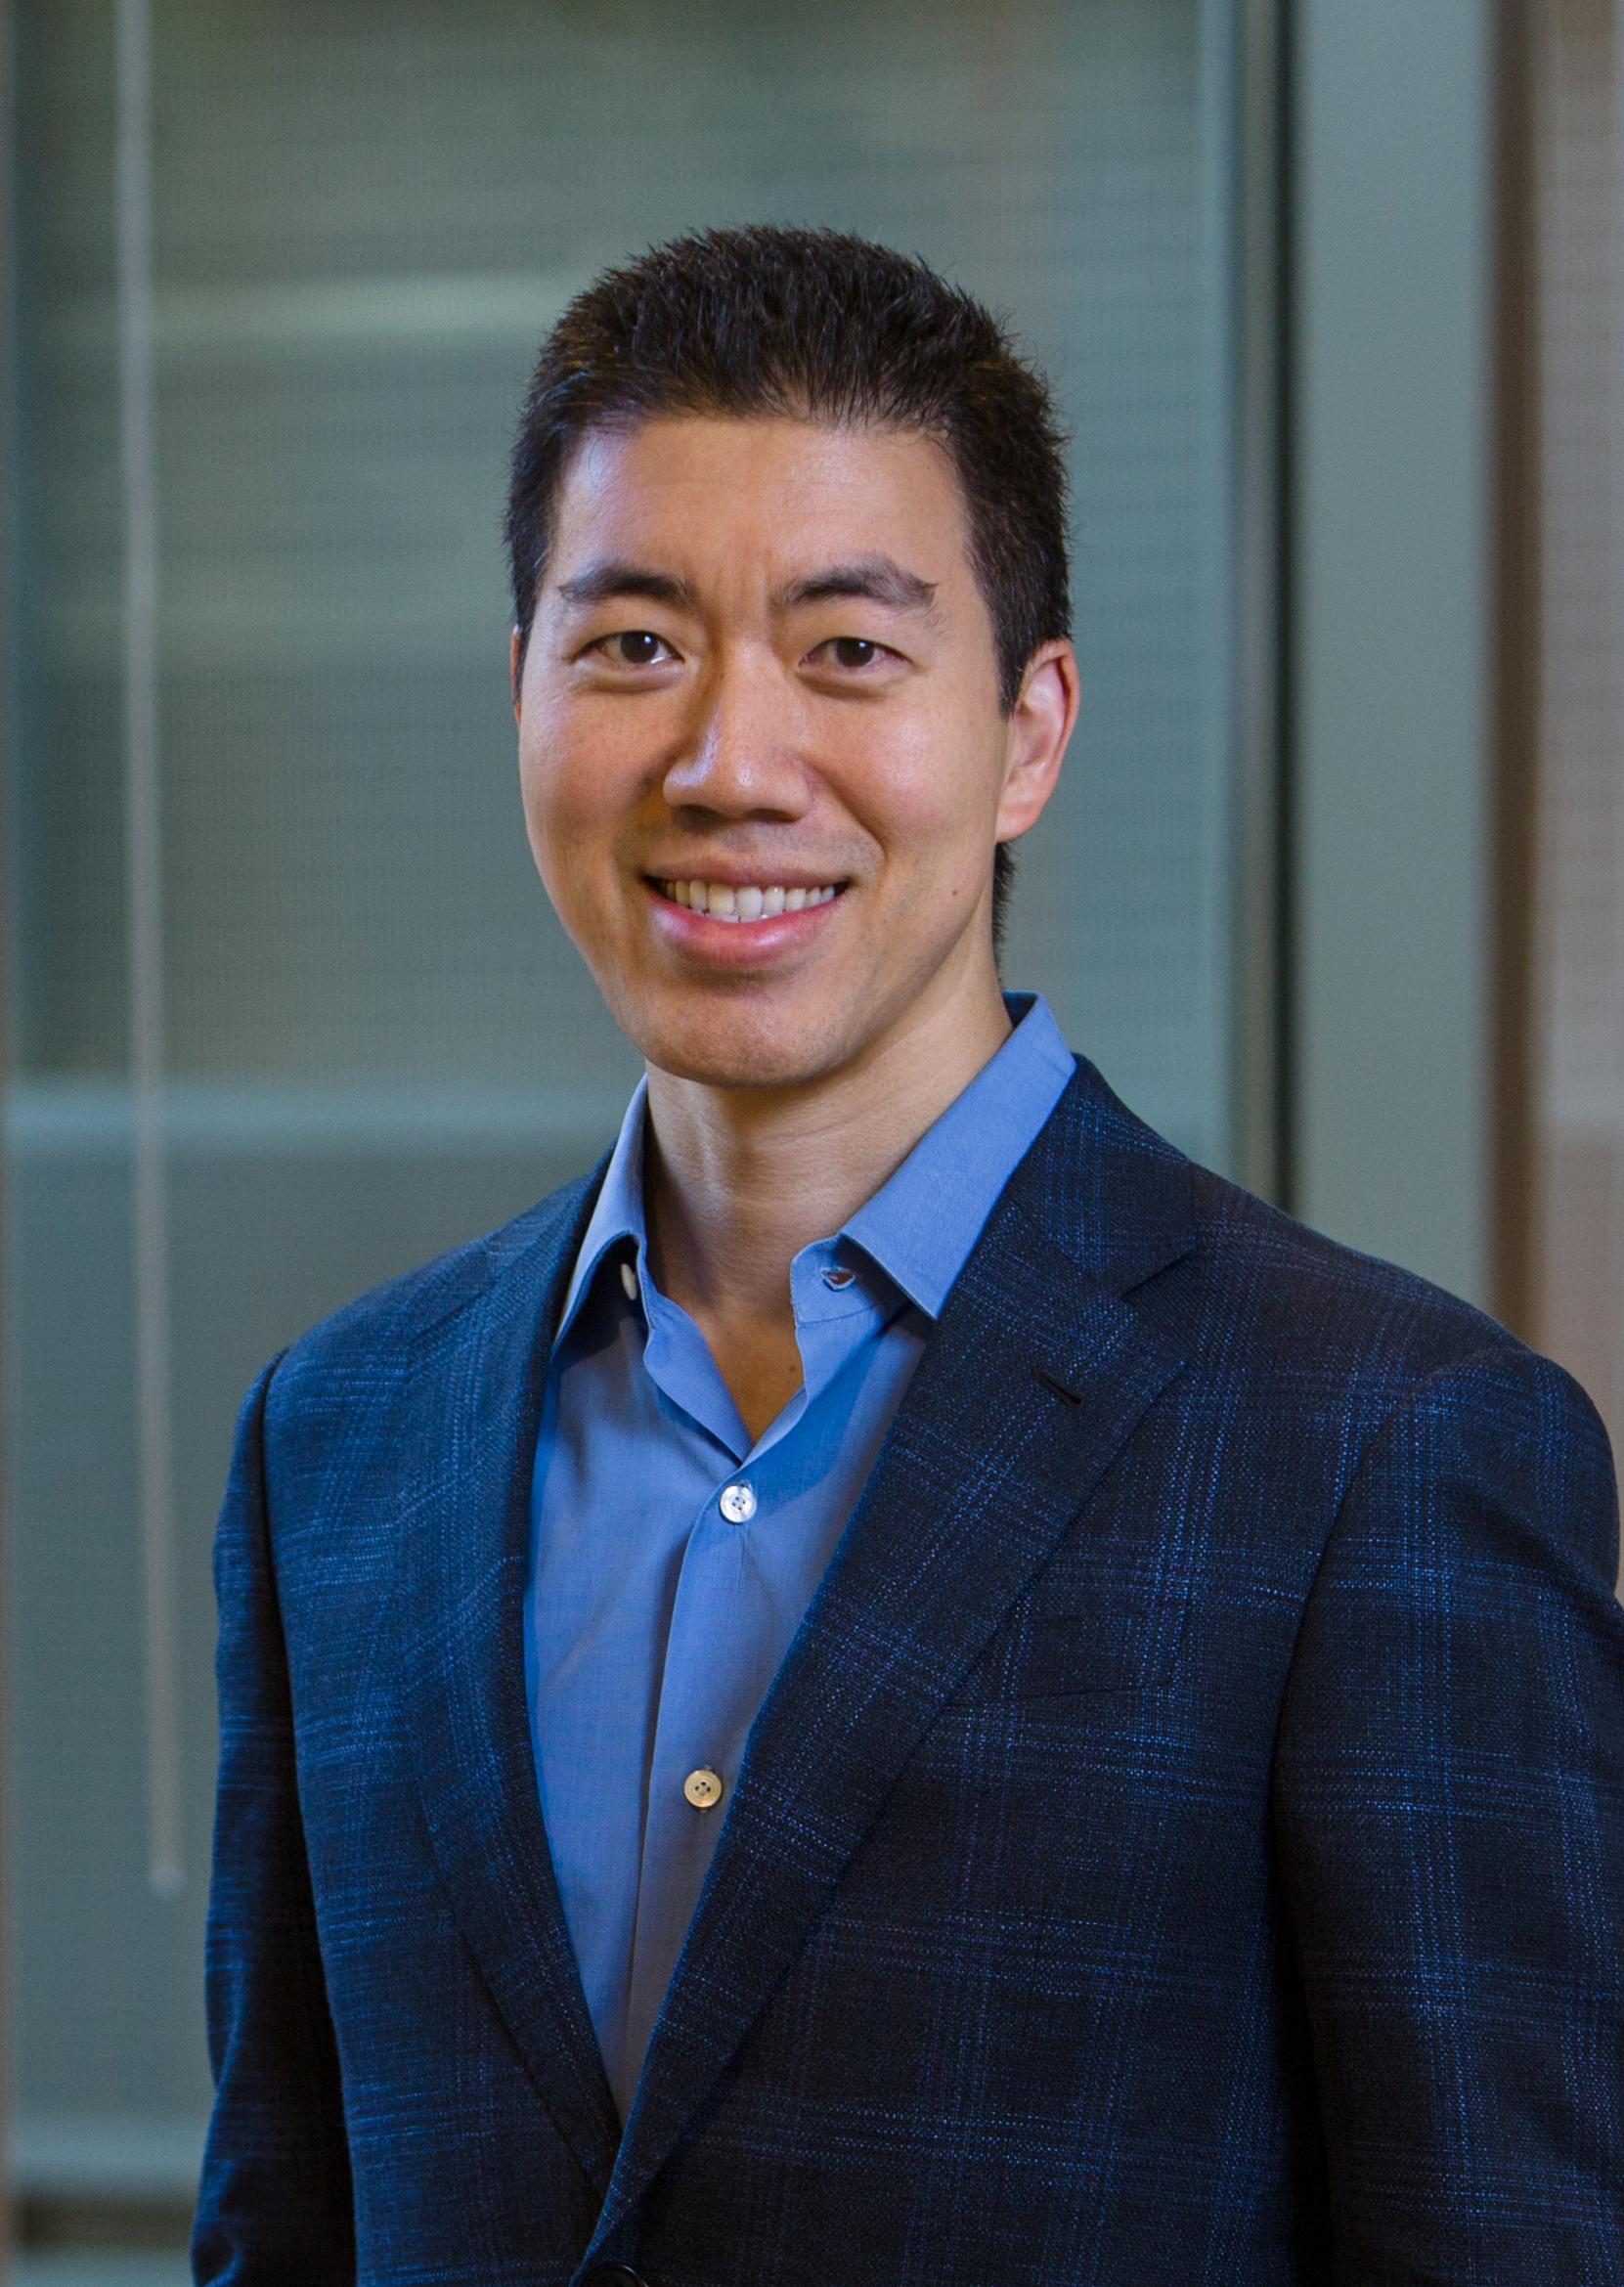 Professor David R. Liu